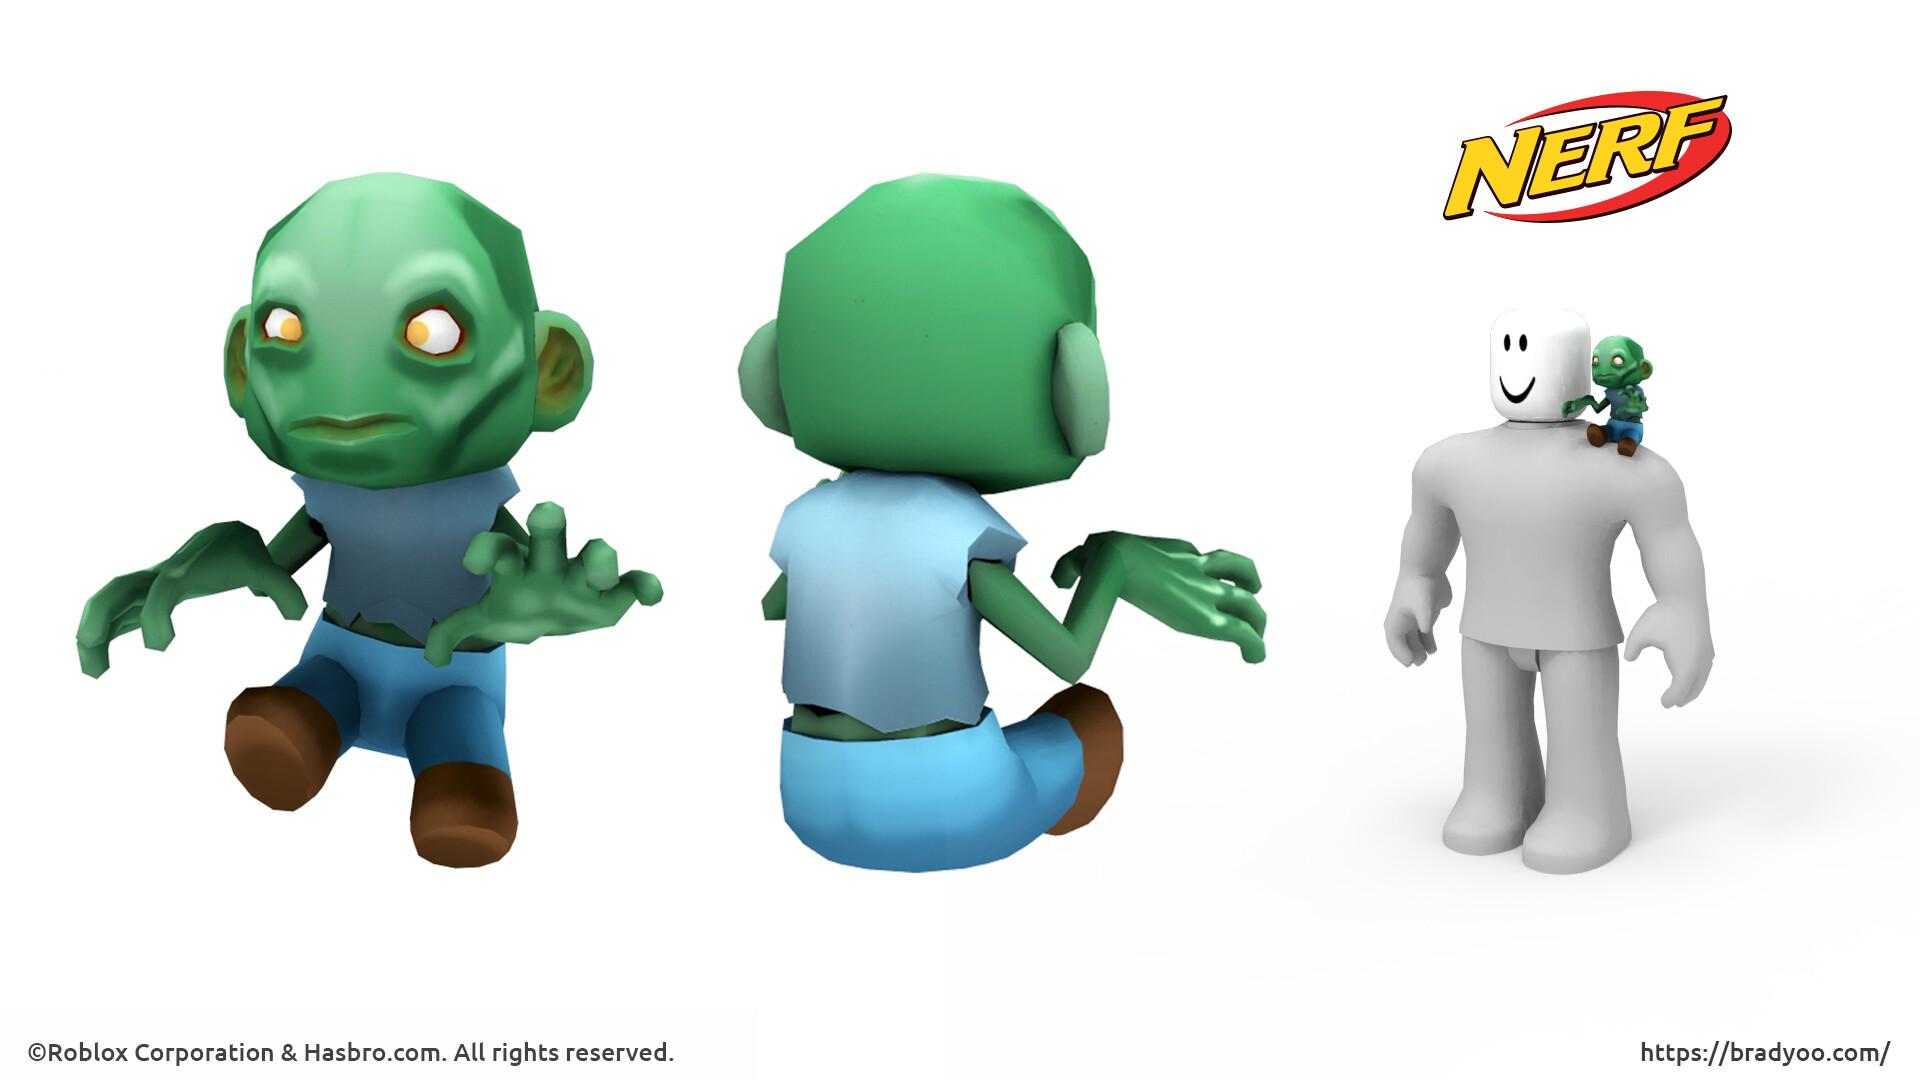 Brx yoo nerf zombie img 01